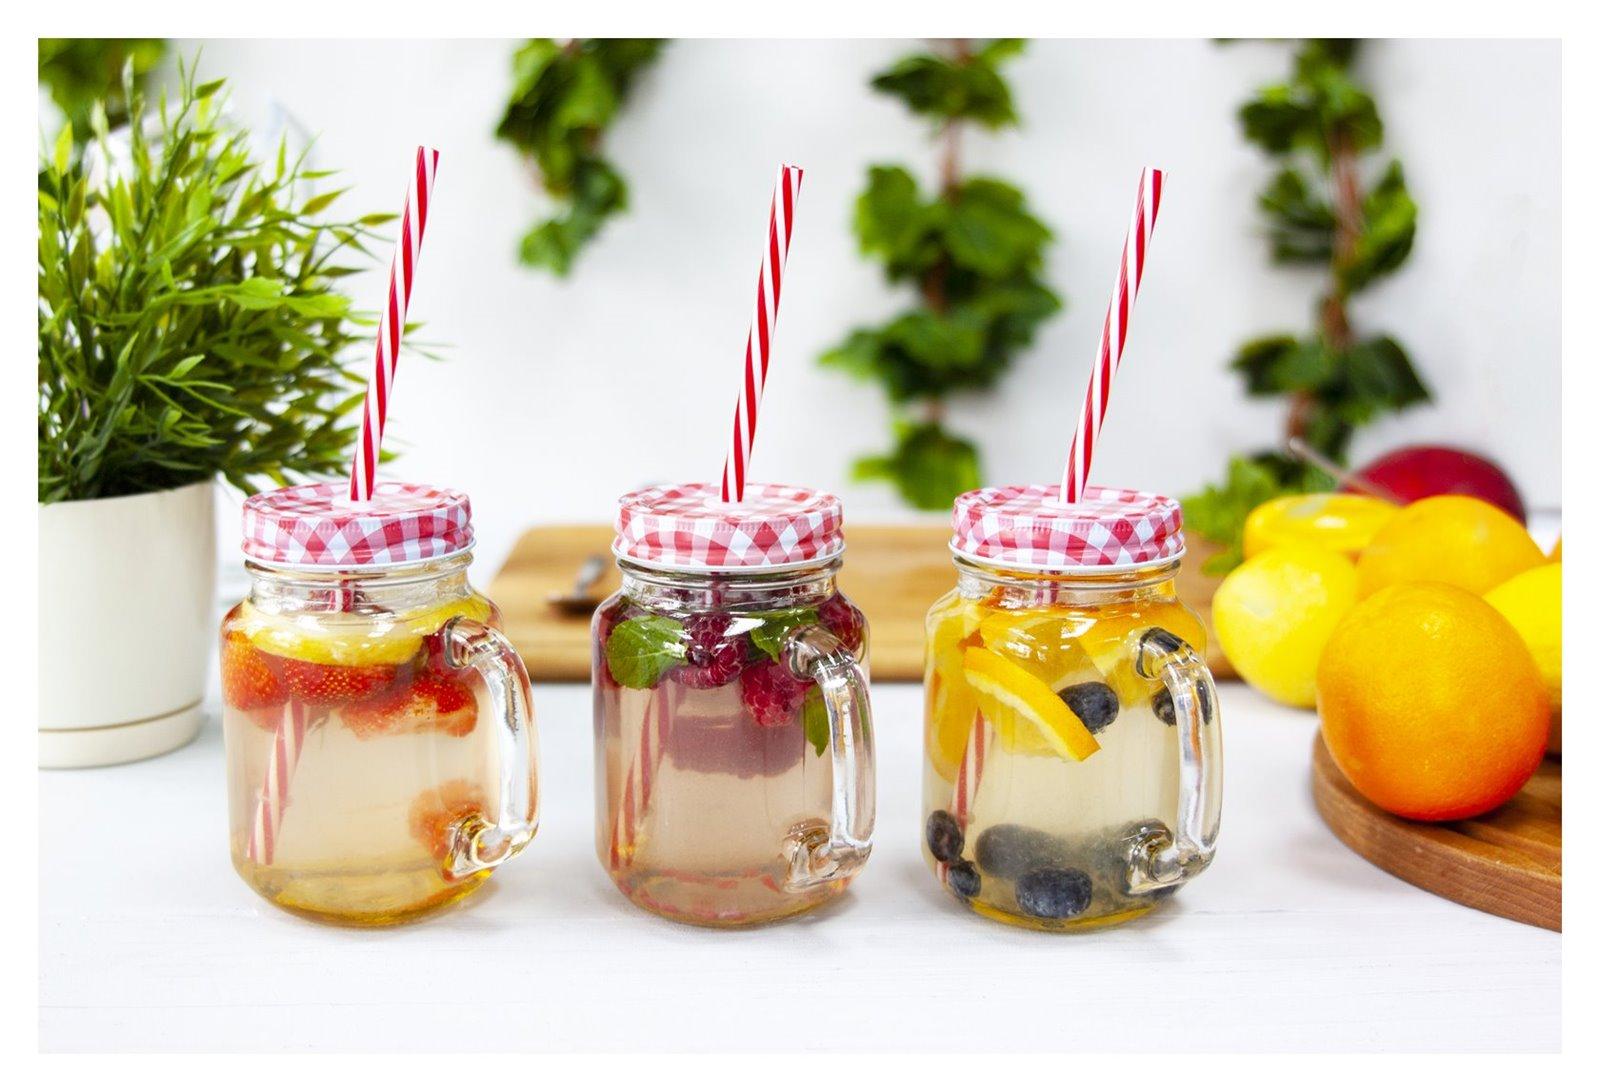 5 owoce sezon na lemoniadę browin jak zrobić pyszne napoje deser pomysły na przekąski na urodziny wakacje przyjęcie lato słoiki duży słój z kranem na lemoniadę słoiki ze słomką z uchem sklep gdzie kupić łódź